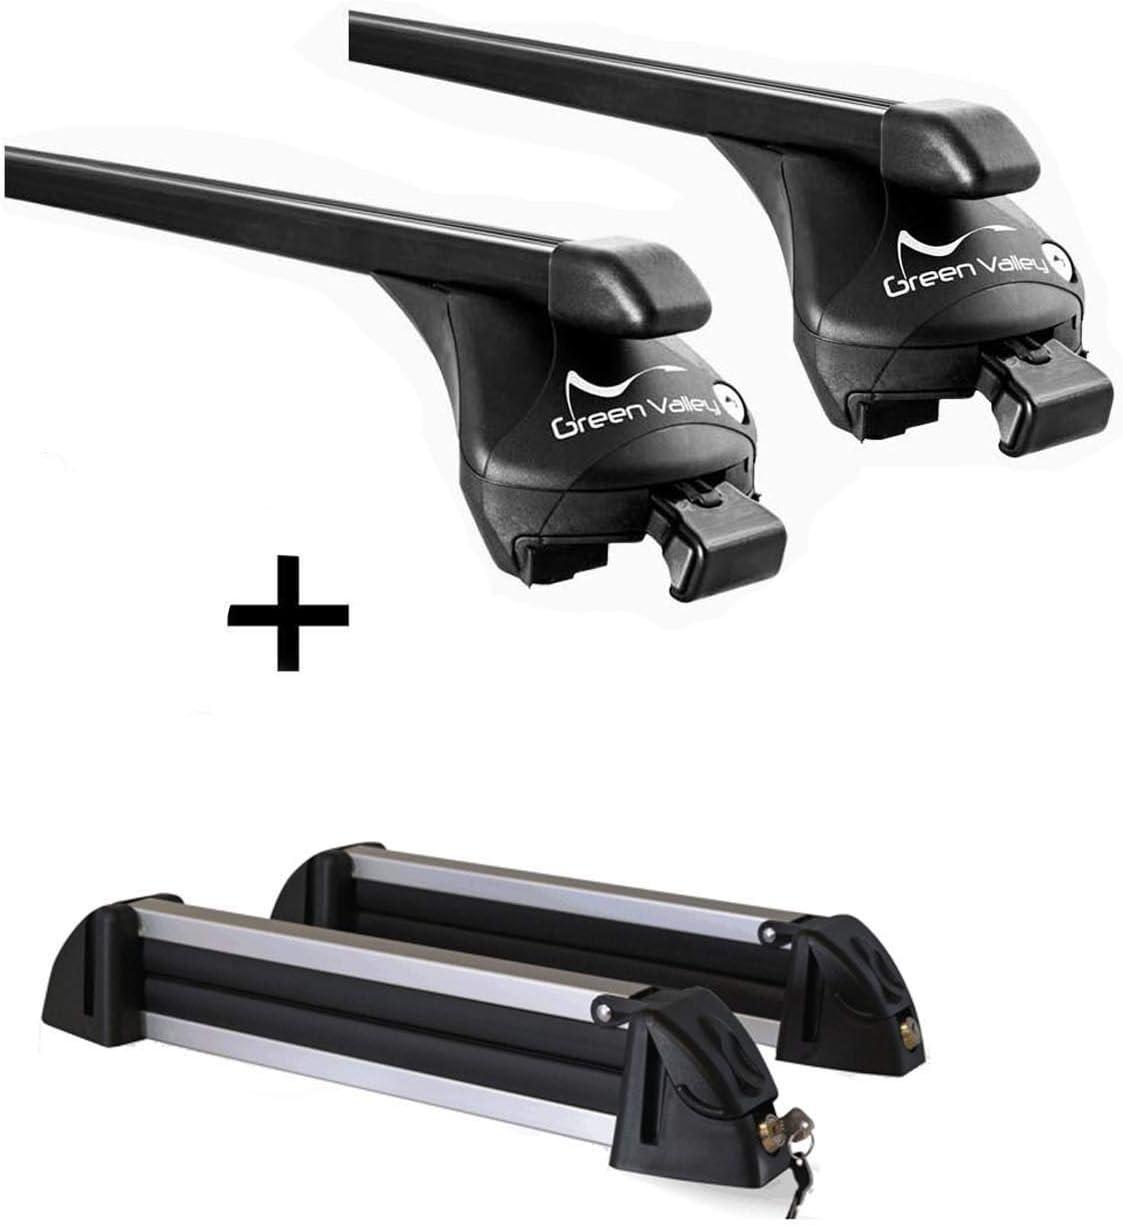 ab 2015 Skitr/äger//Snowboardtr/äger//Skihalter Alu 4 Paar Ski kompatibel mit BMW X4 VDP Relingtr/äger Quick Stahl XL F26